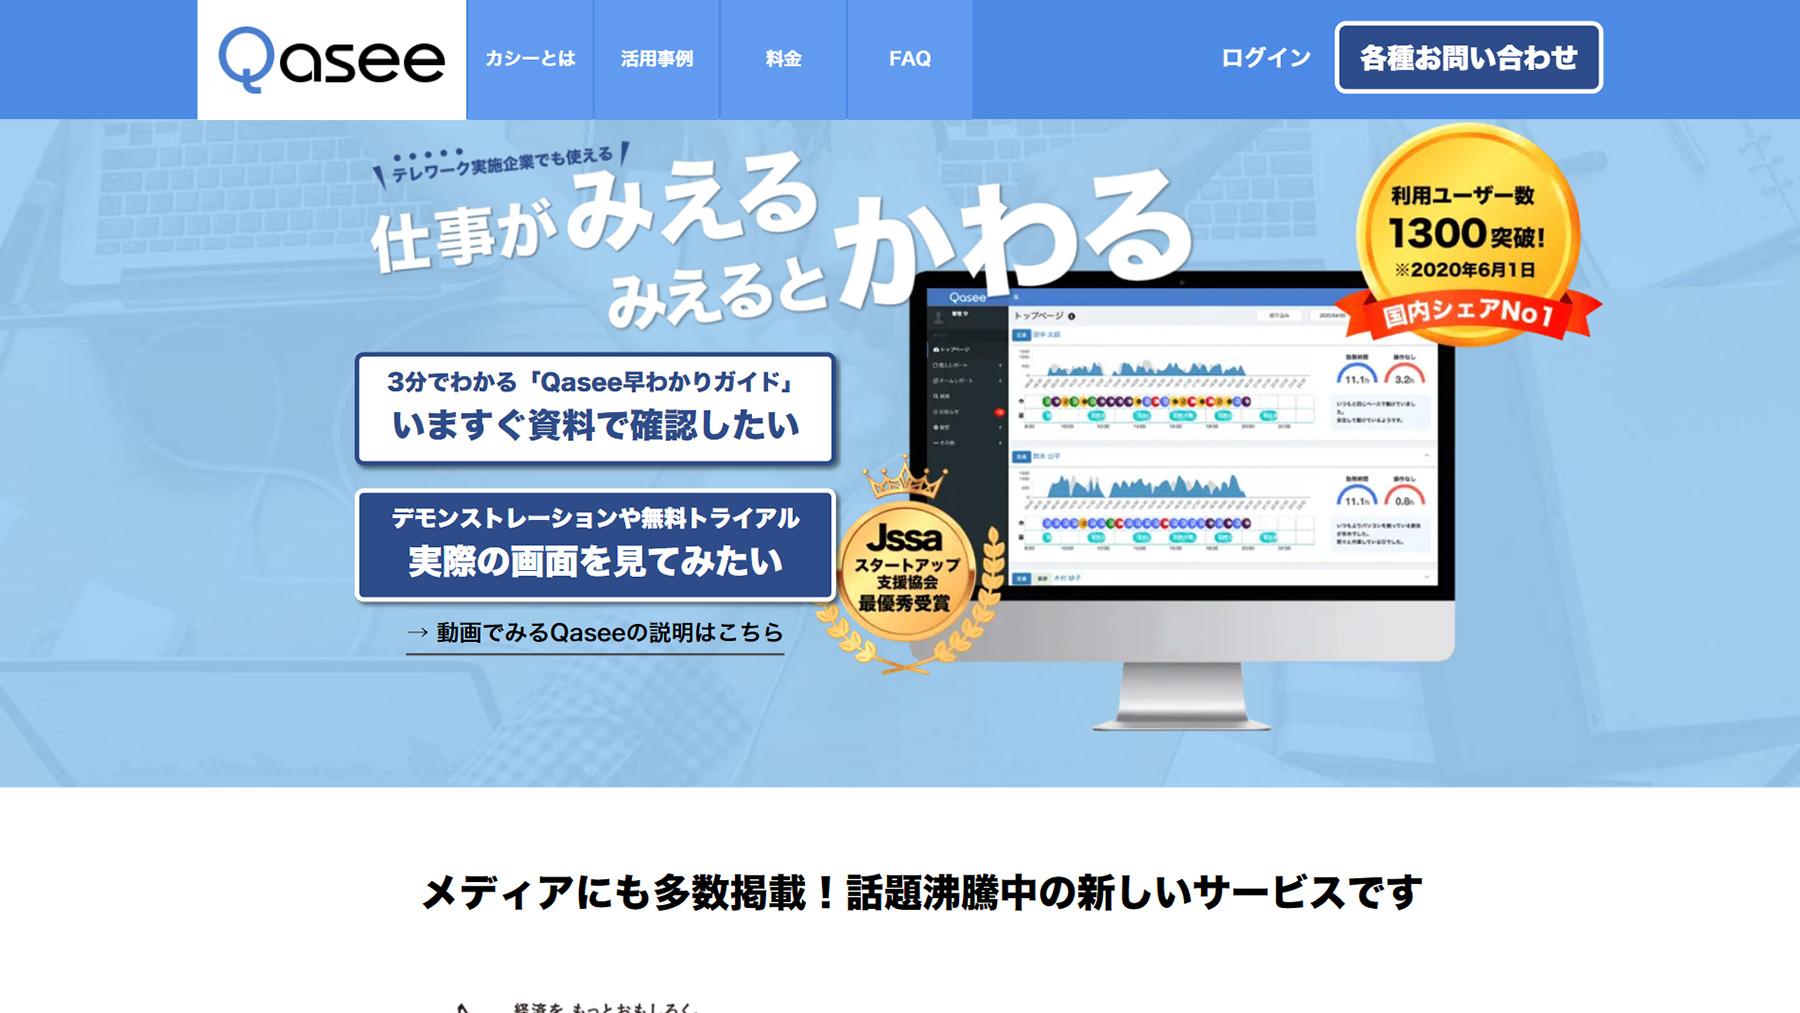 Qasee公式Webサイト